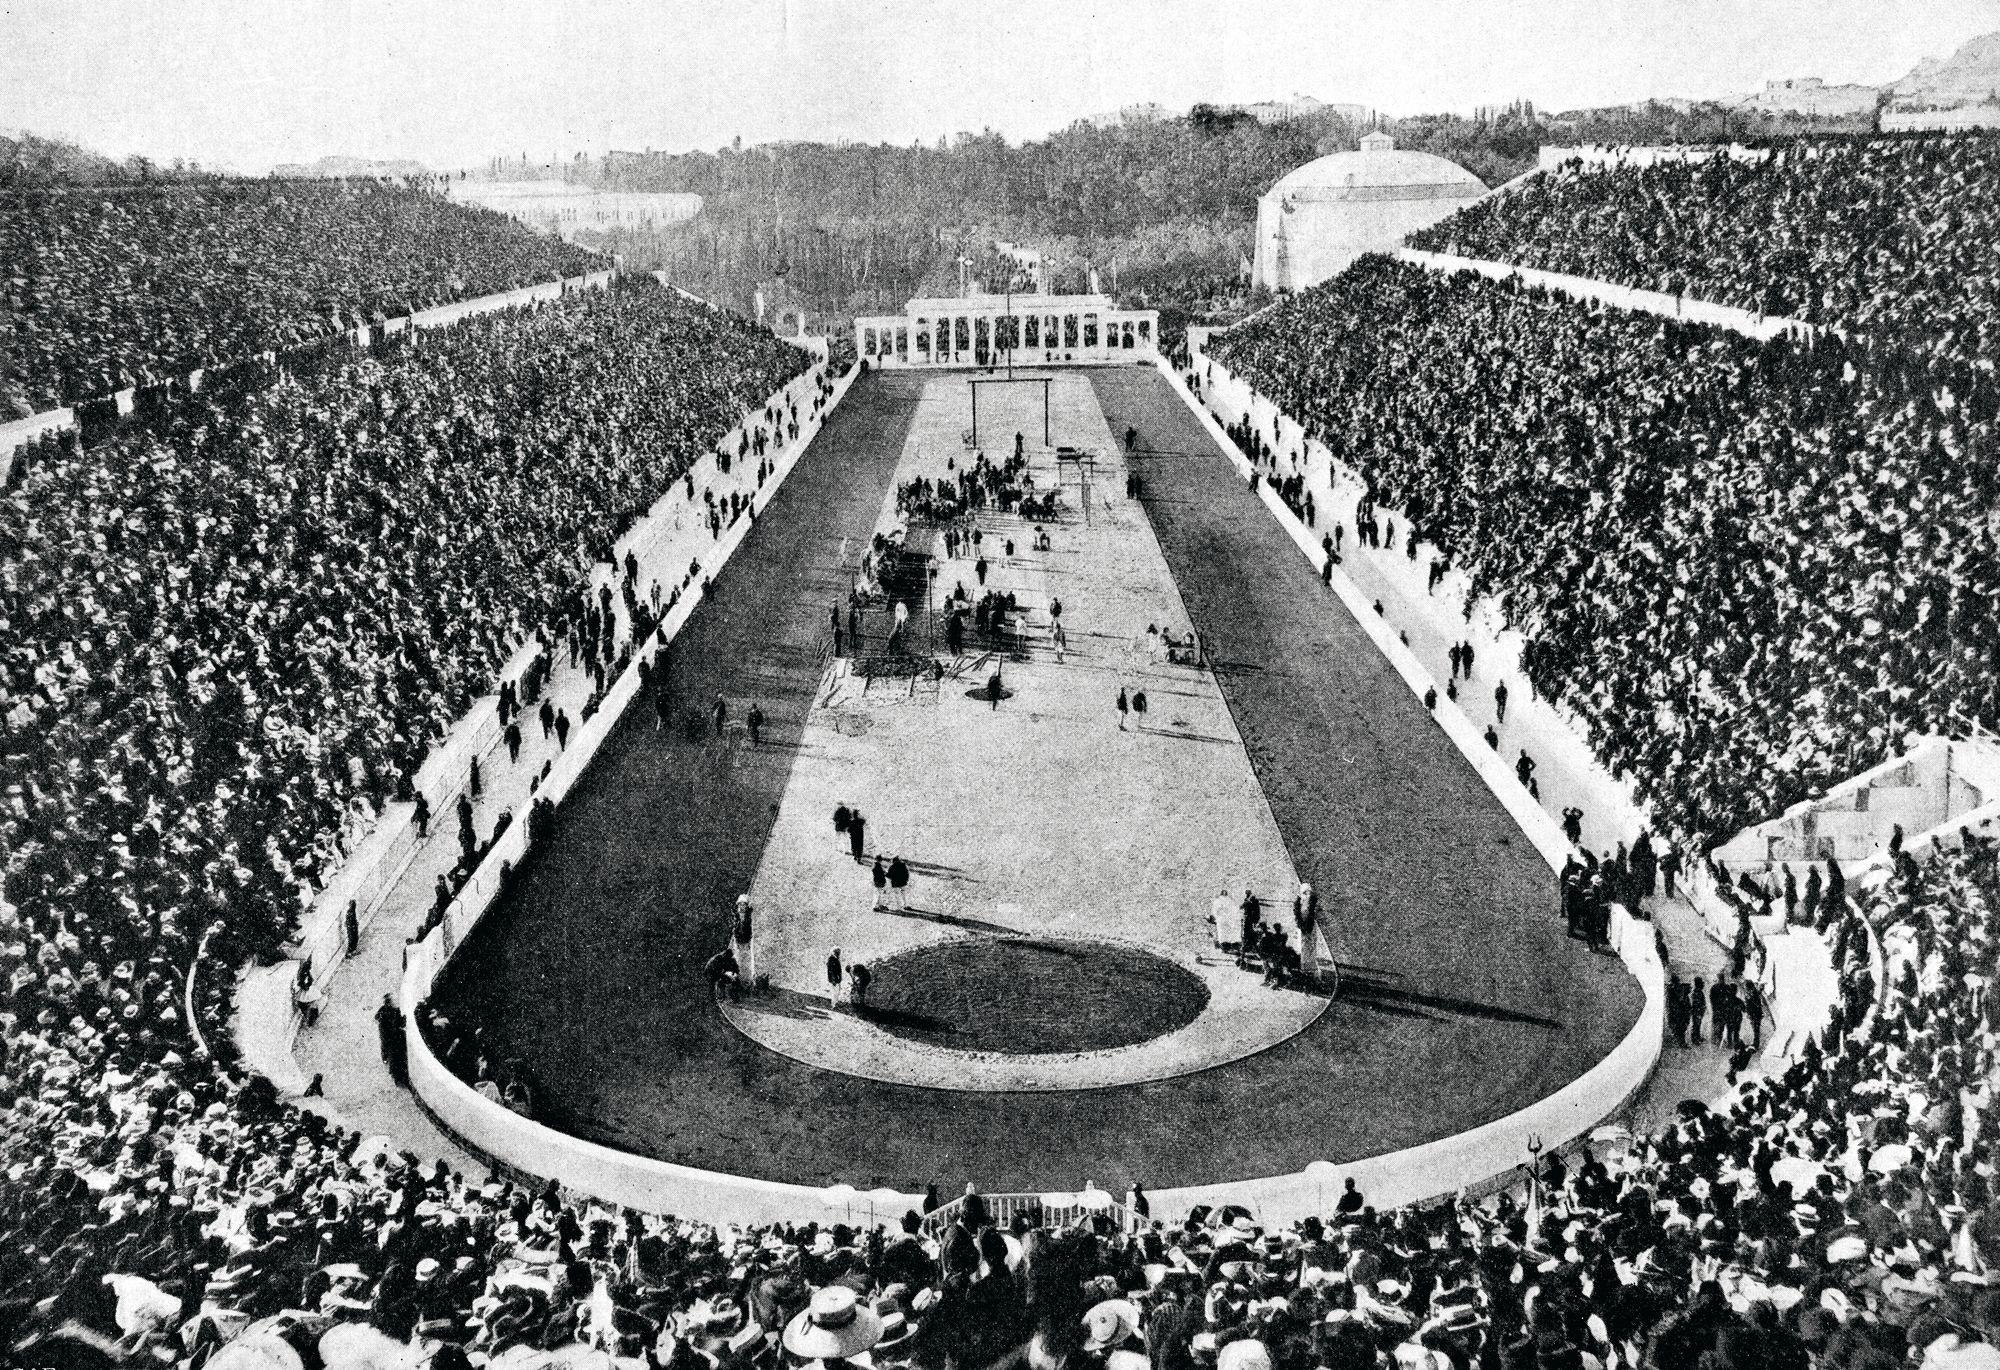 Ateenan väliolympialaisten päänäyttämö vuonna 1906 oli Panathinaiko-stadion, joka uudistettuna on yksi Ateenan suosituista nähtävyyksistä. Se oli vuoden 2004 olympiakisojen maratonjuoksun maalipaikka. © Suomen Urheilumuseo